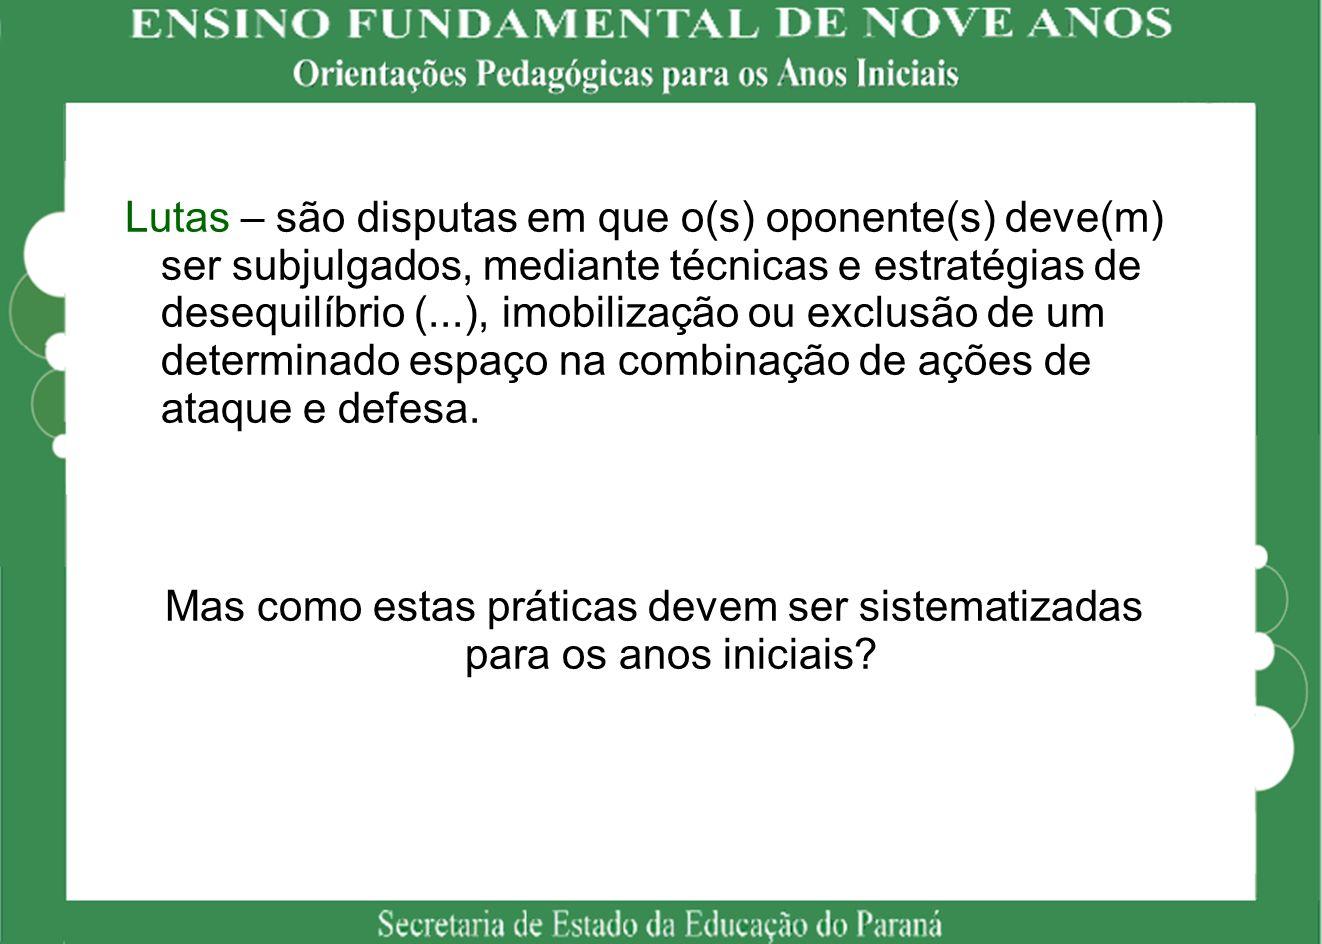 Lutas – são disputas em que o(s) oponente(s) deve(m) ser subjulgados, mediante técnicas e estratégias de desequilíbrio (...), imobilização ou exclusão